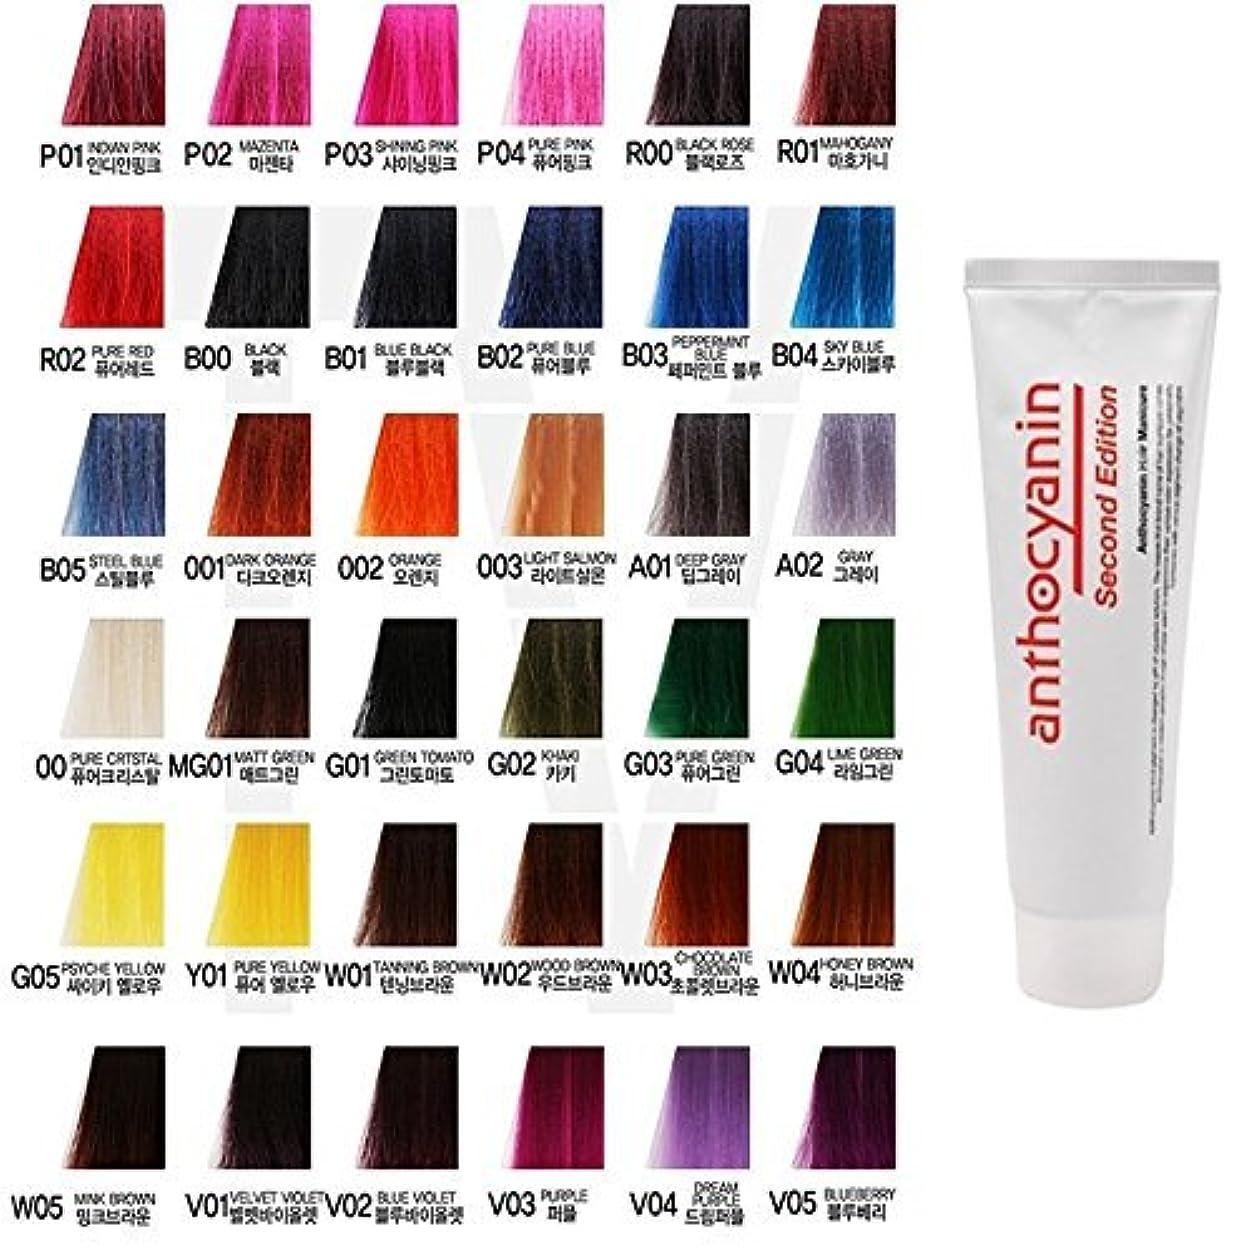 財産低い権威ヘア マニキュア カラー セカンド エディション 230g セミ パーマネント 染毛剤 ( Hair Manicure Color Second Edition 230g Semi Permanent Hair Dye) [並行輸入品] (O02 Orange)